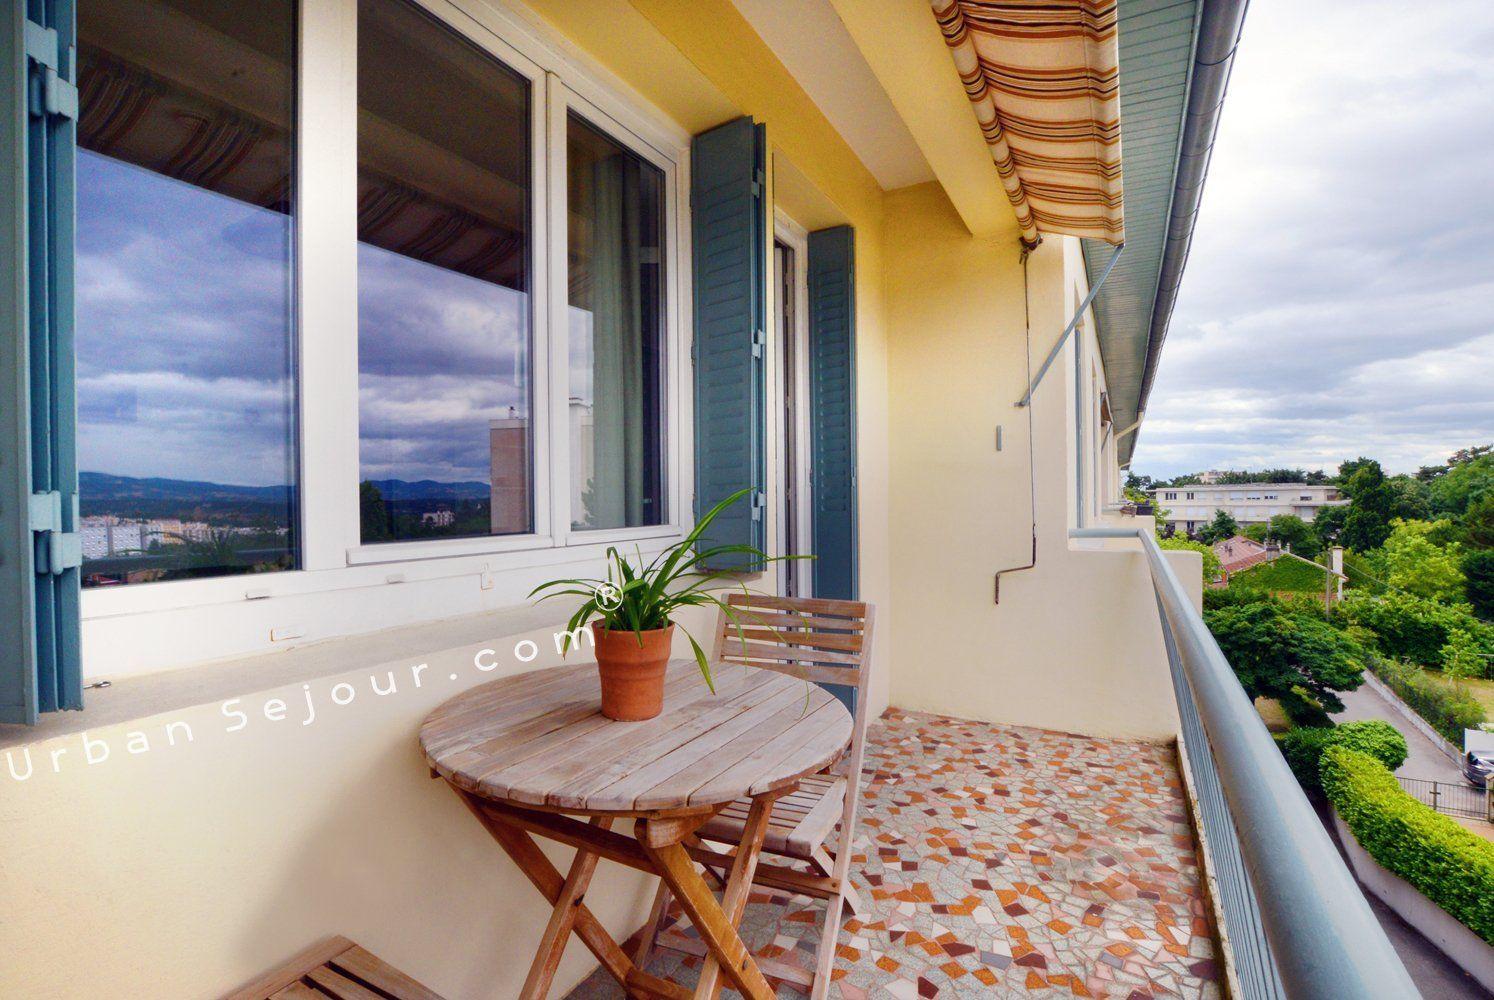 location appartement meubl avec 1 chambre location saisonni re lyon 5 saint ir n e les. Black Bedroom Furniture Sets. Home Design Ideas